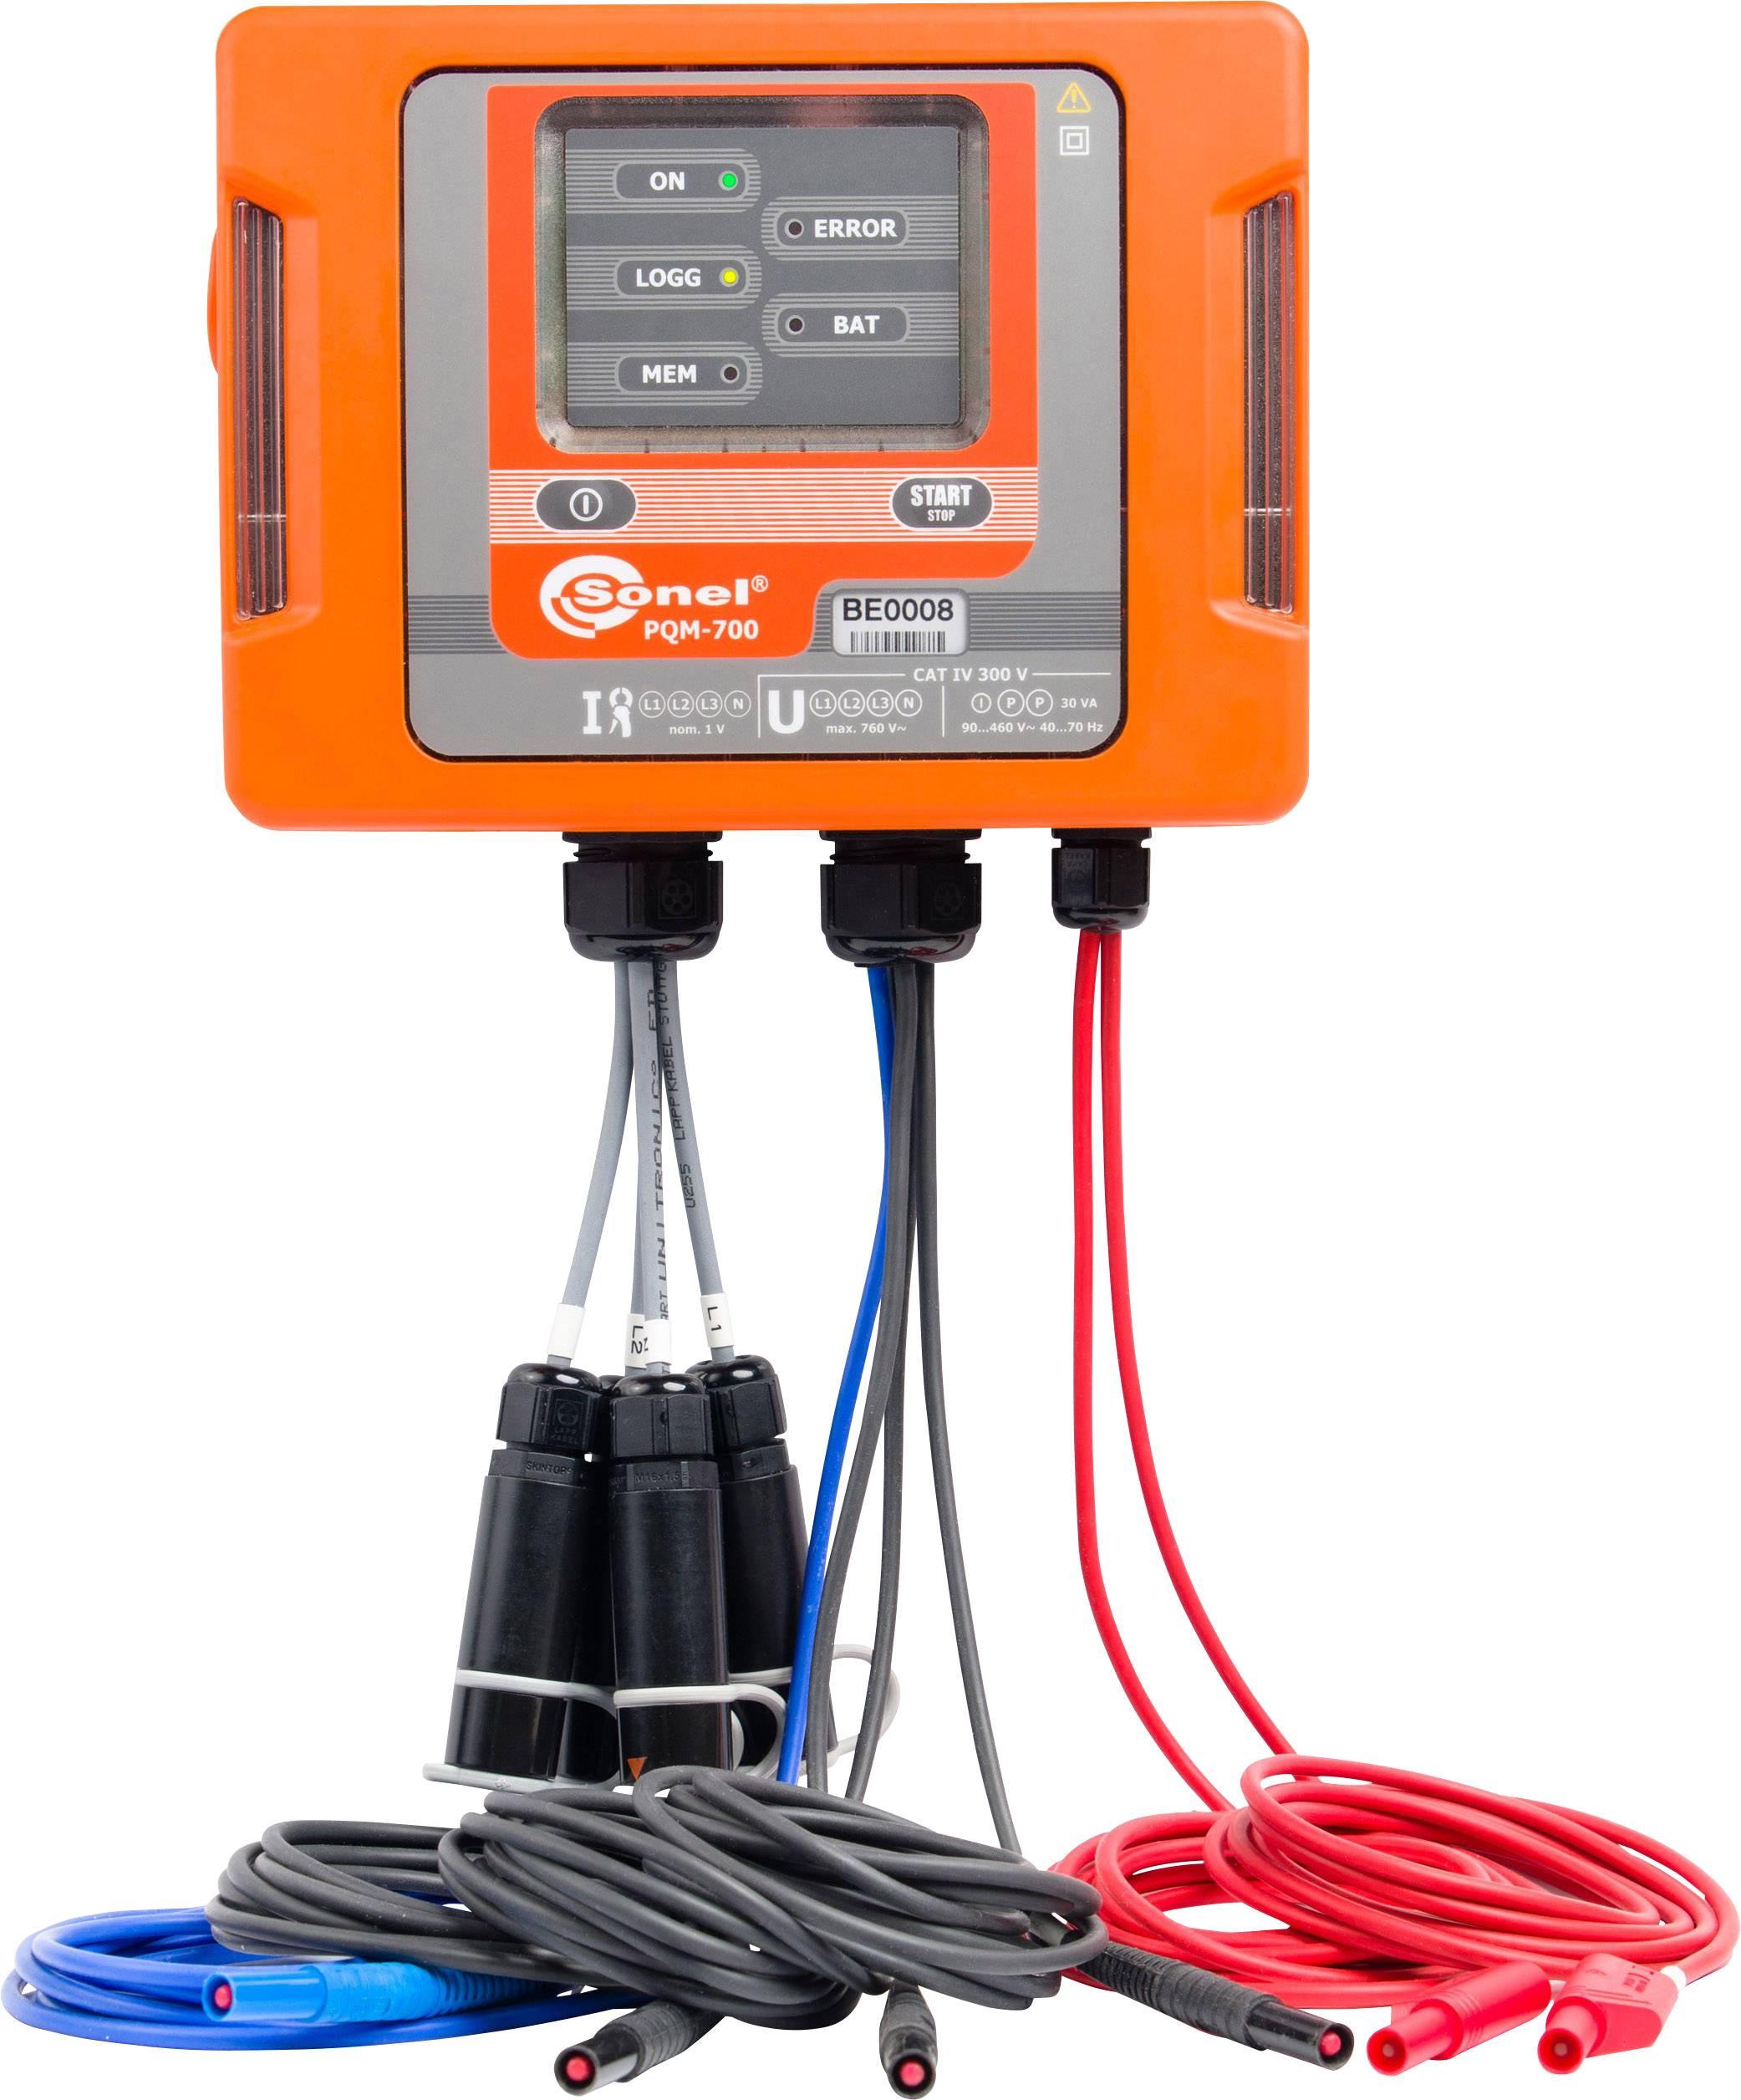 Sieťový analyzátor Sonel PQM-700